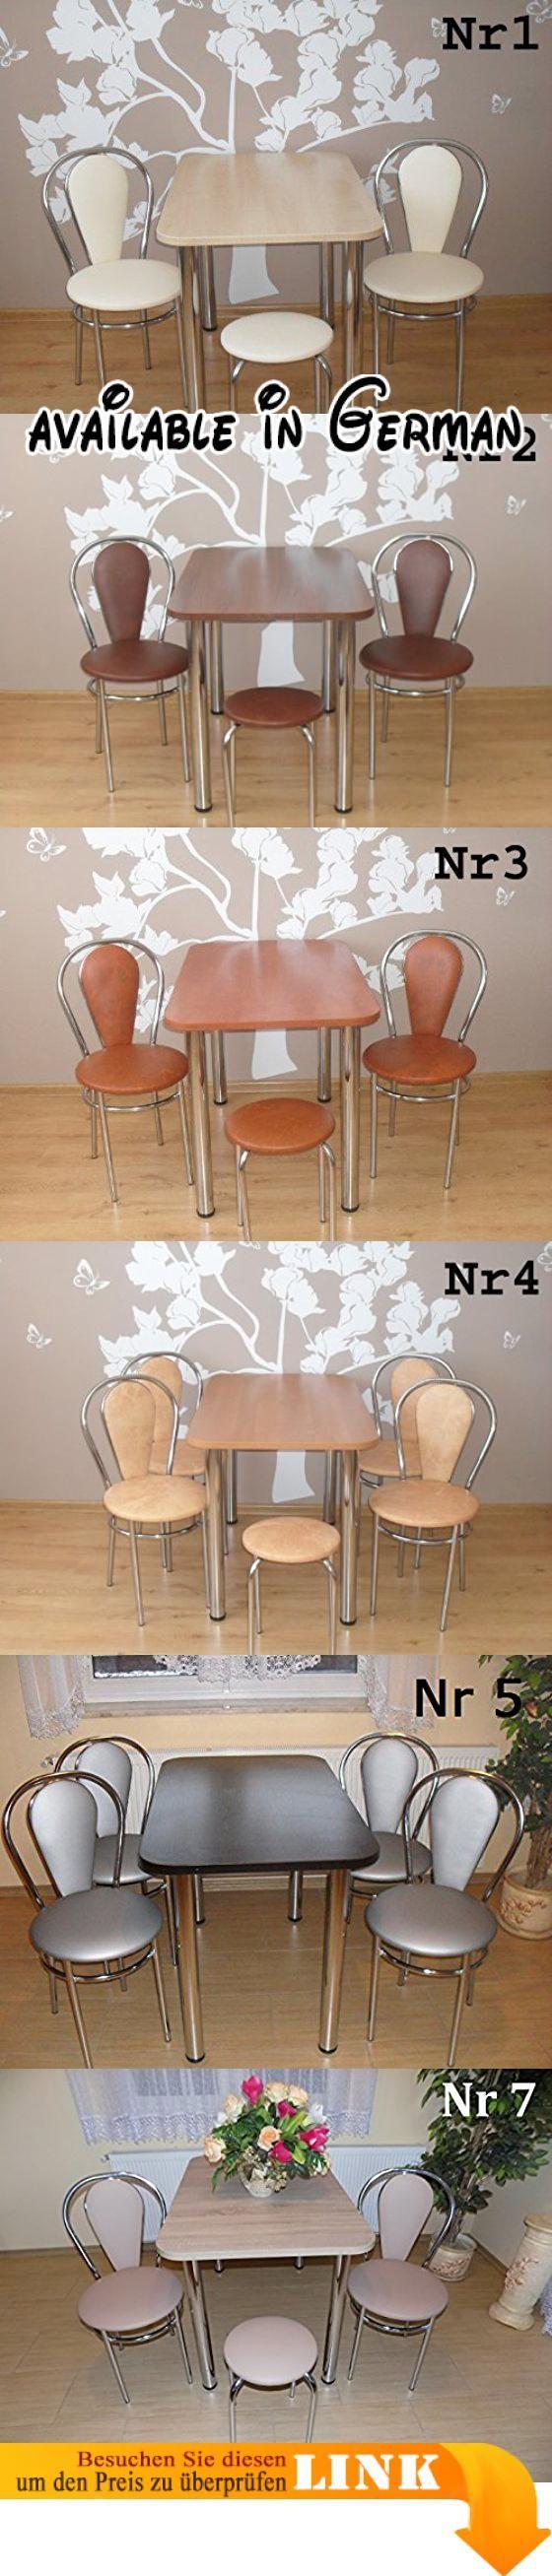 Großartig Durchschnittliche Küche Stuhlhöhe Ideen - Küchen Design ...